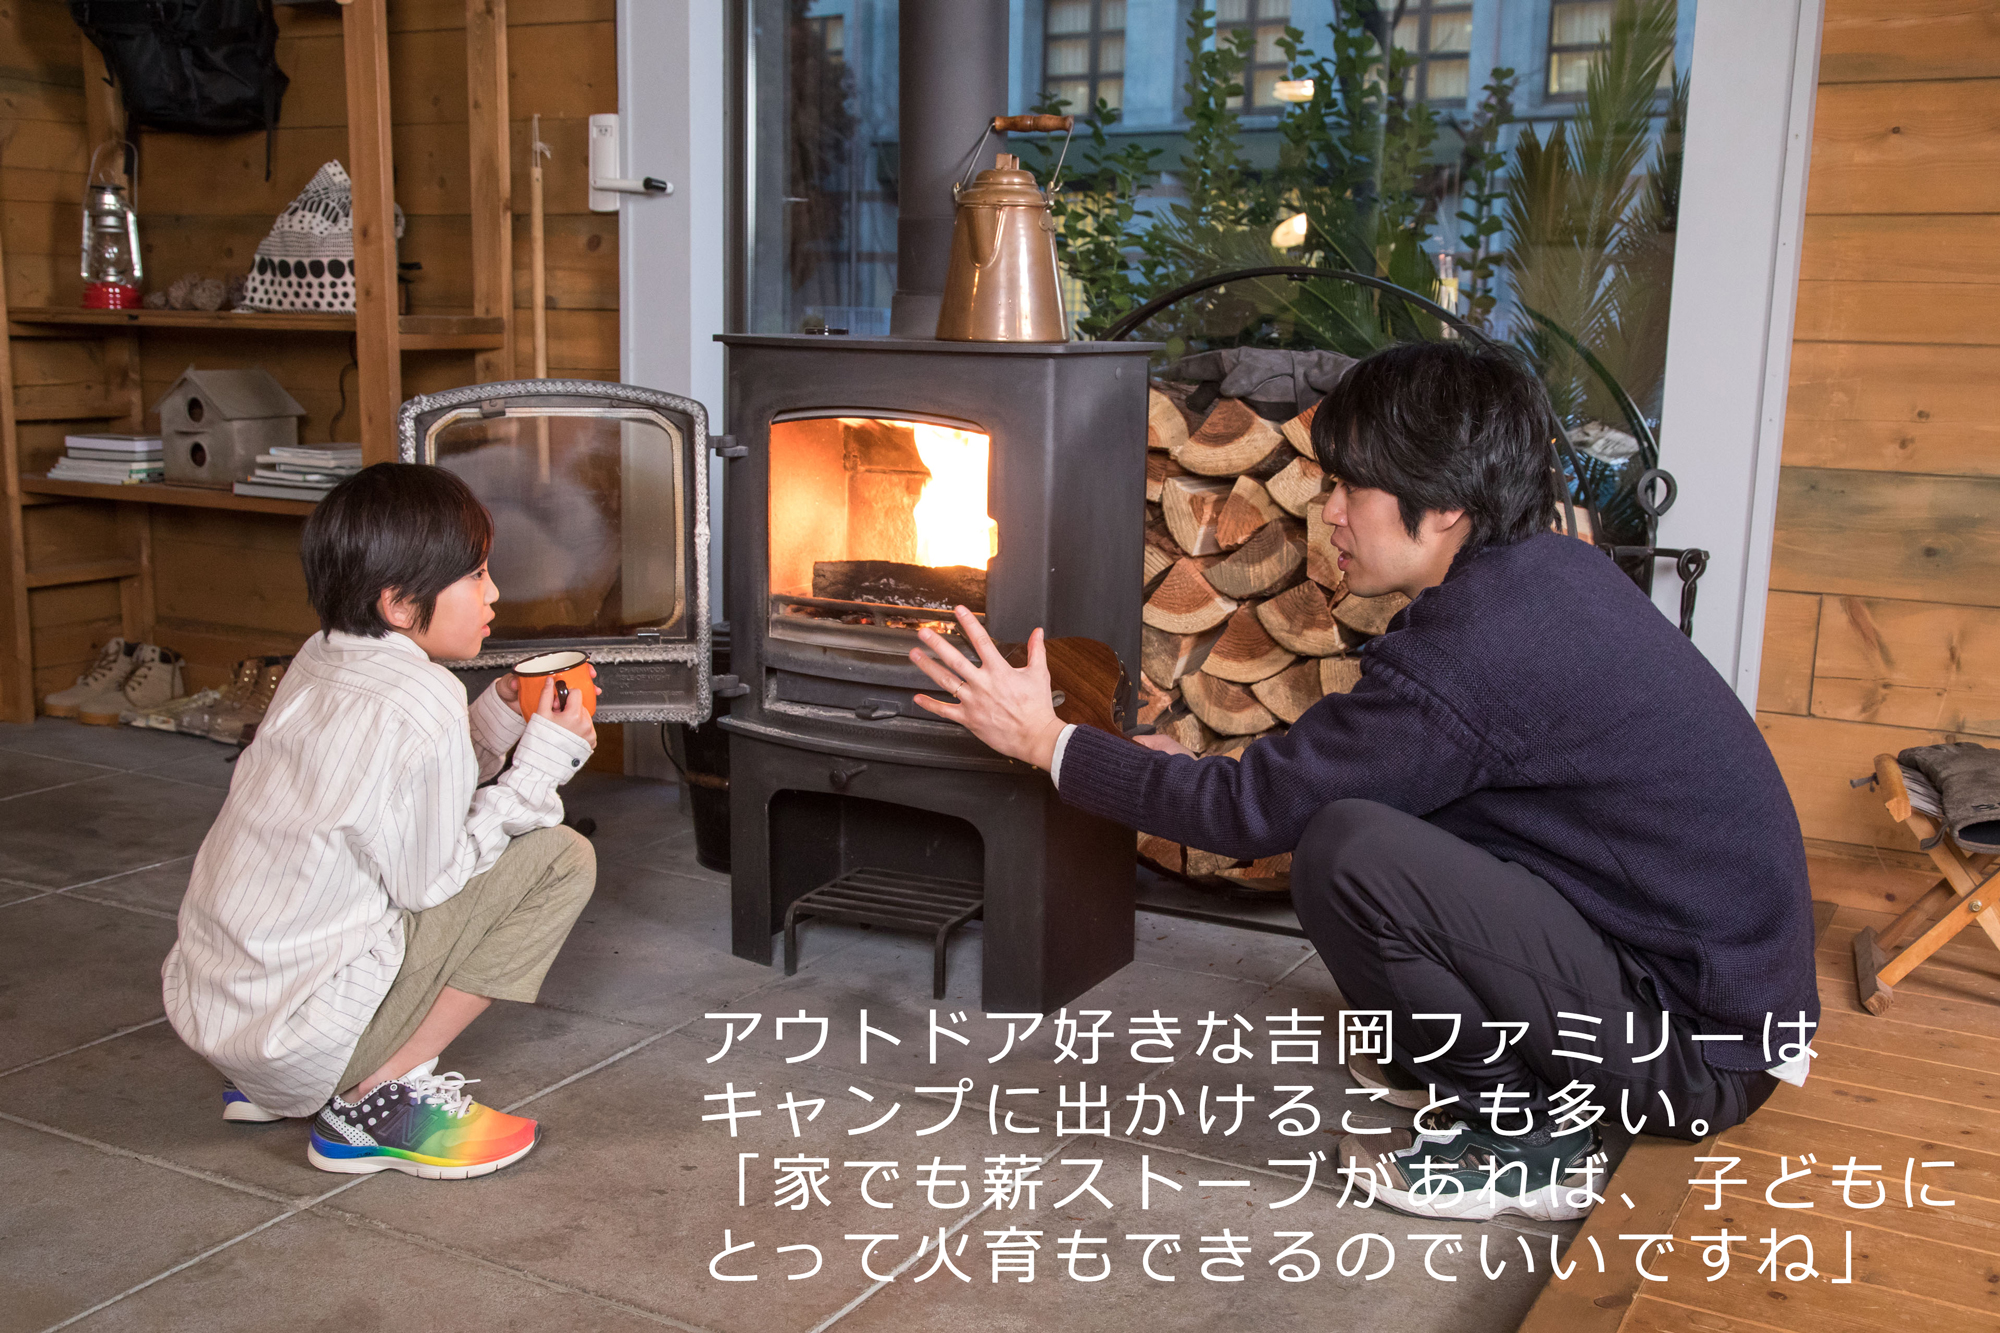 アウトドア好きな吉岡ファミリーはキャンプに出かけることも多い。「家でも薪ストーブがあれば、子どもにとって火育もできるのでいいですね」